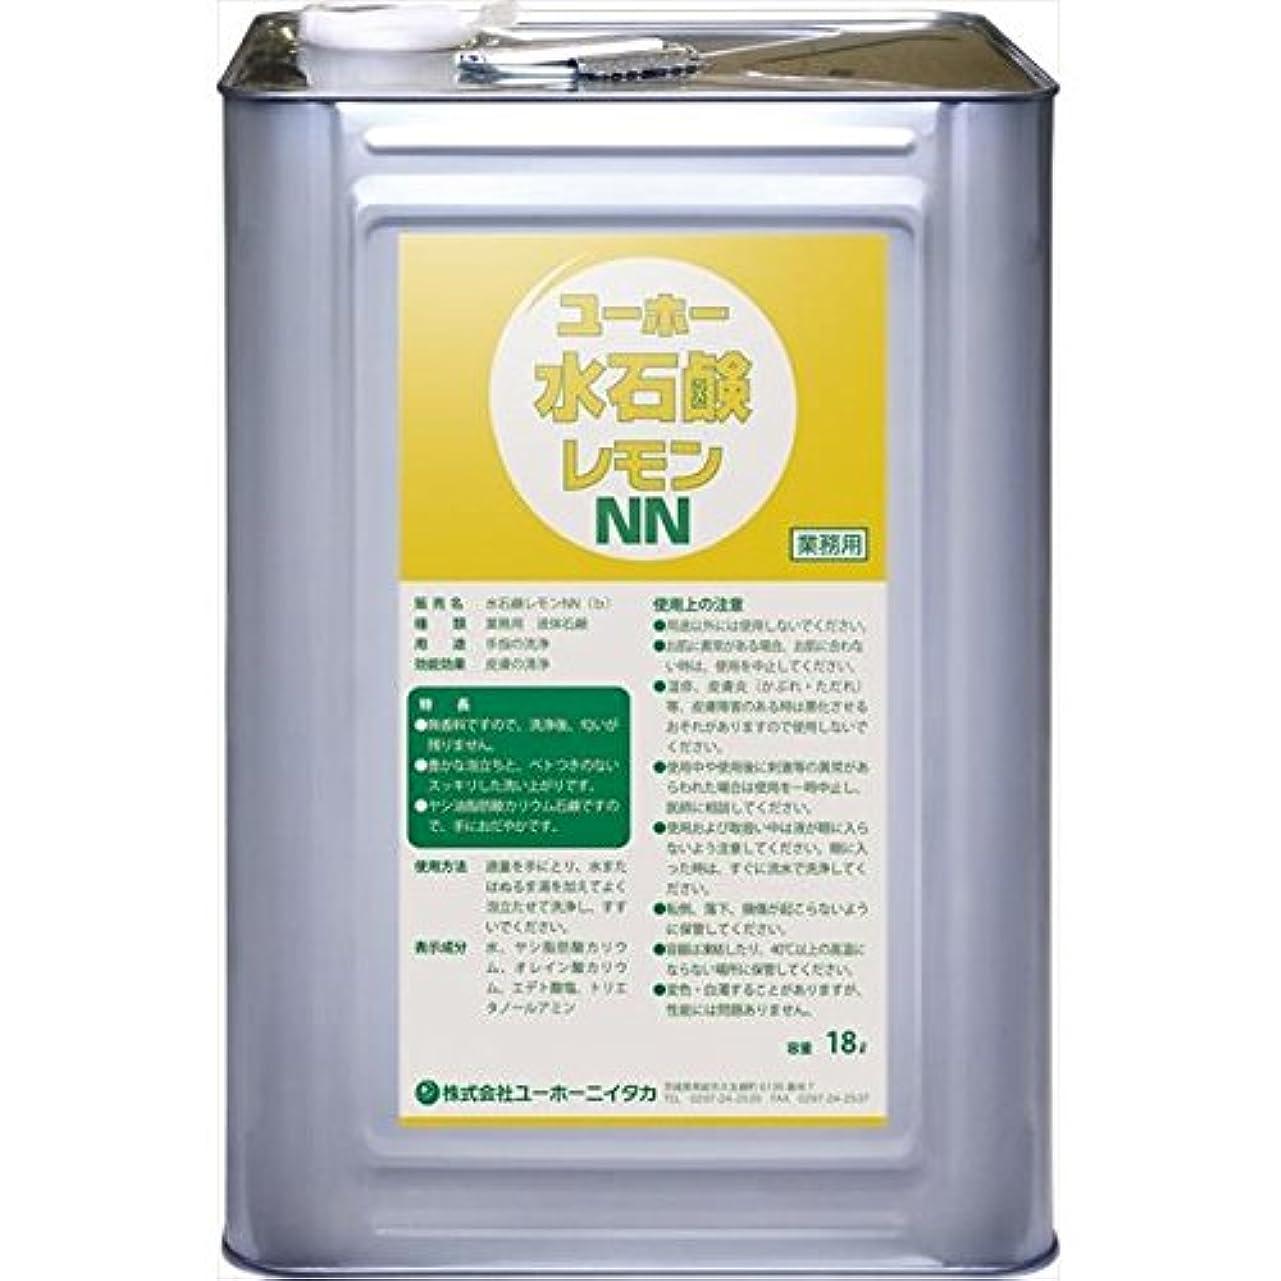 素晴らしい良い多くの梨準拠ユーホーニイタカ:水石鹸レモンNN 18L 181031